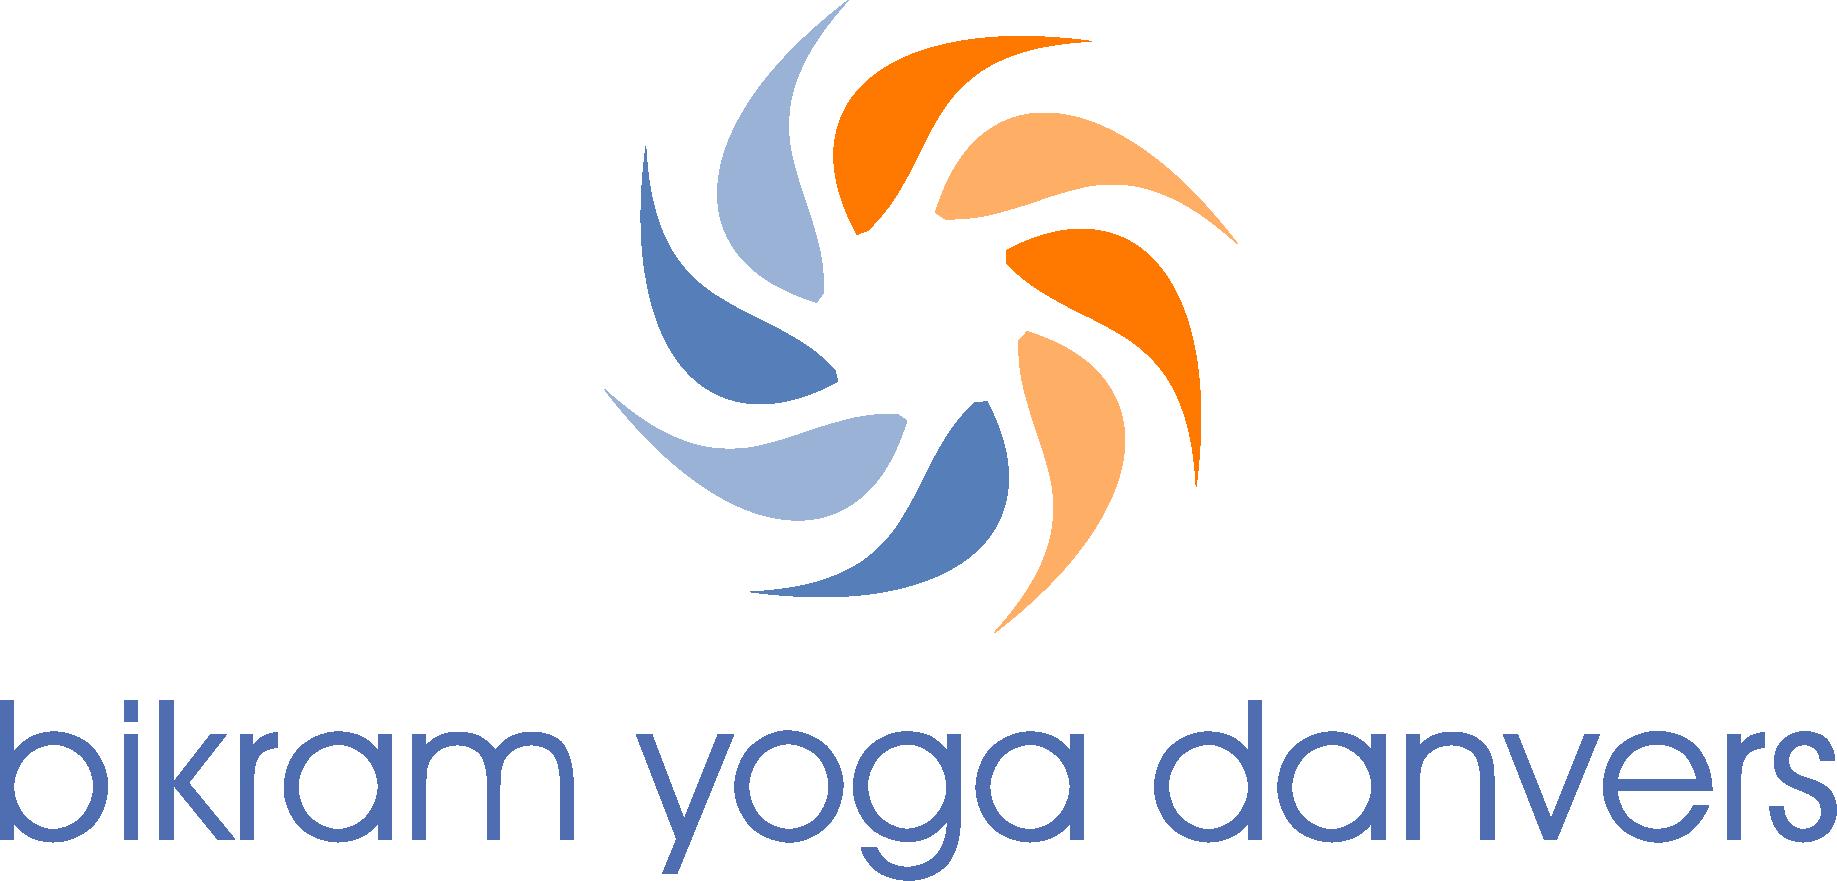 Danvers Logo.png